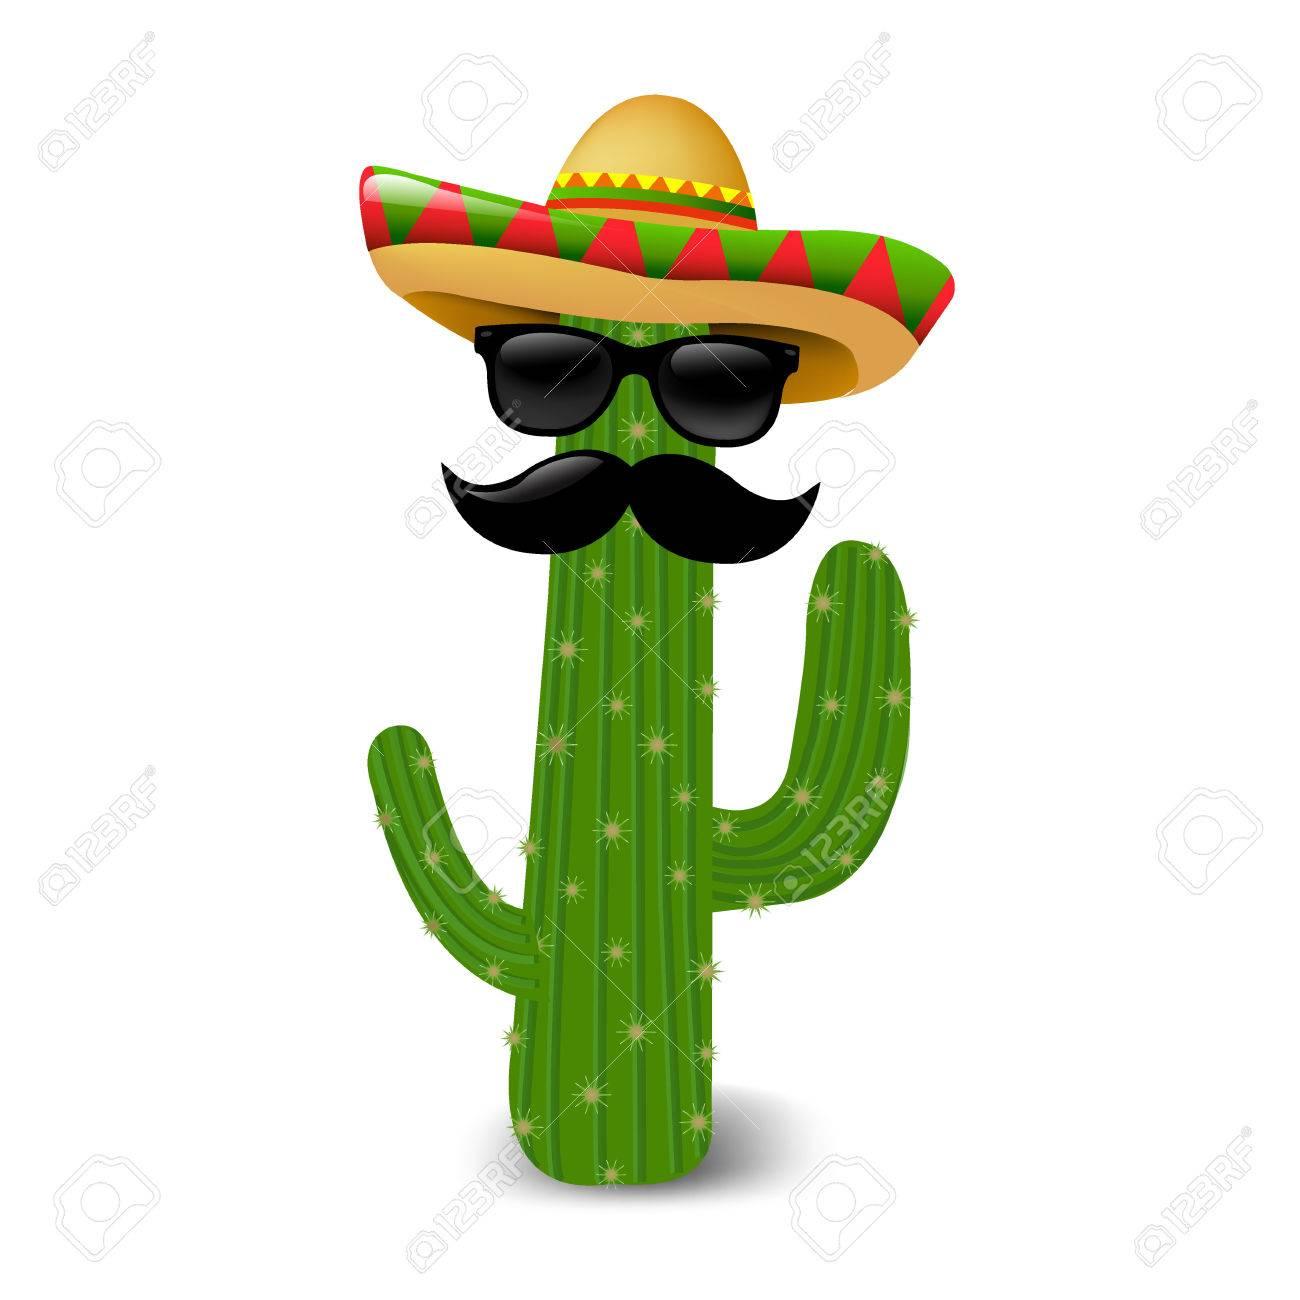 DegradadoIlustración Gafas Mexicanos Cactus Malla De Sol Con OkZiXPu